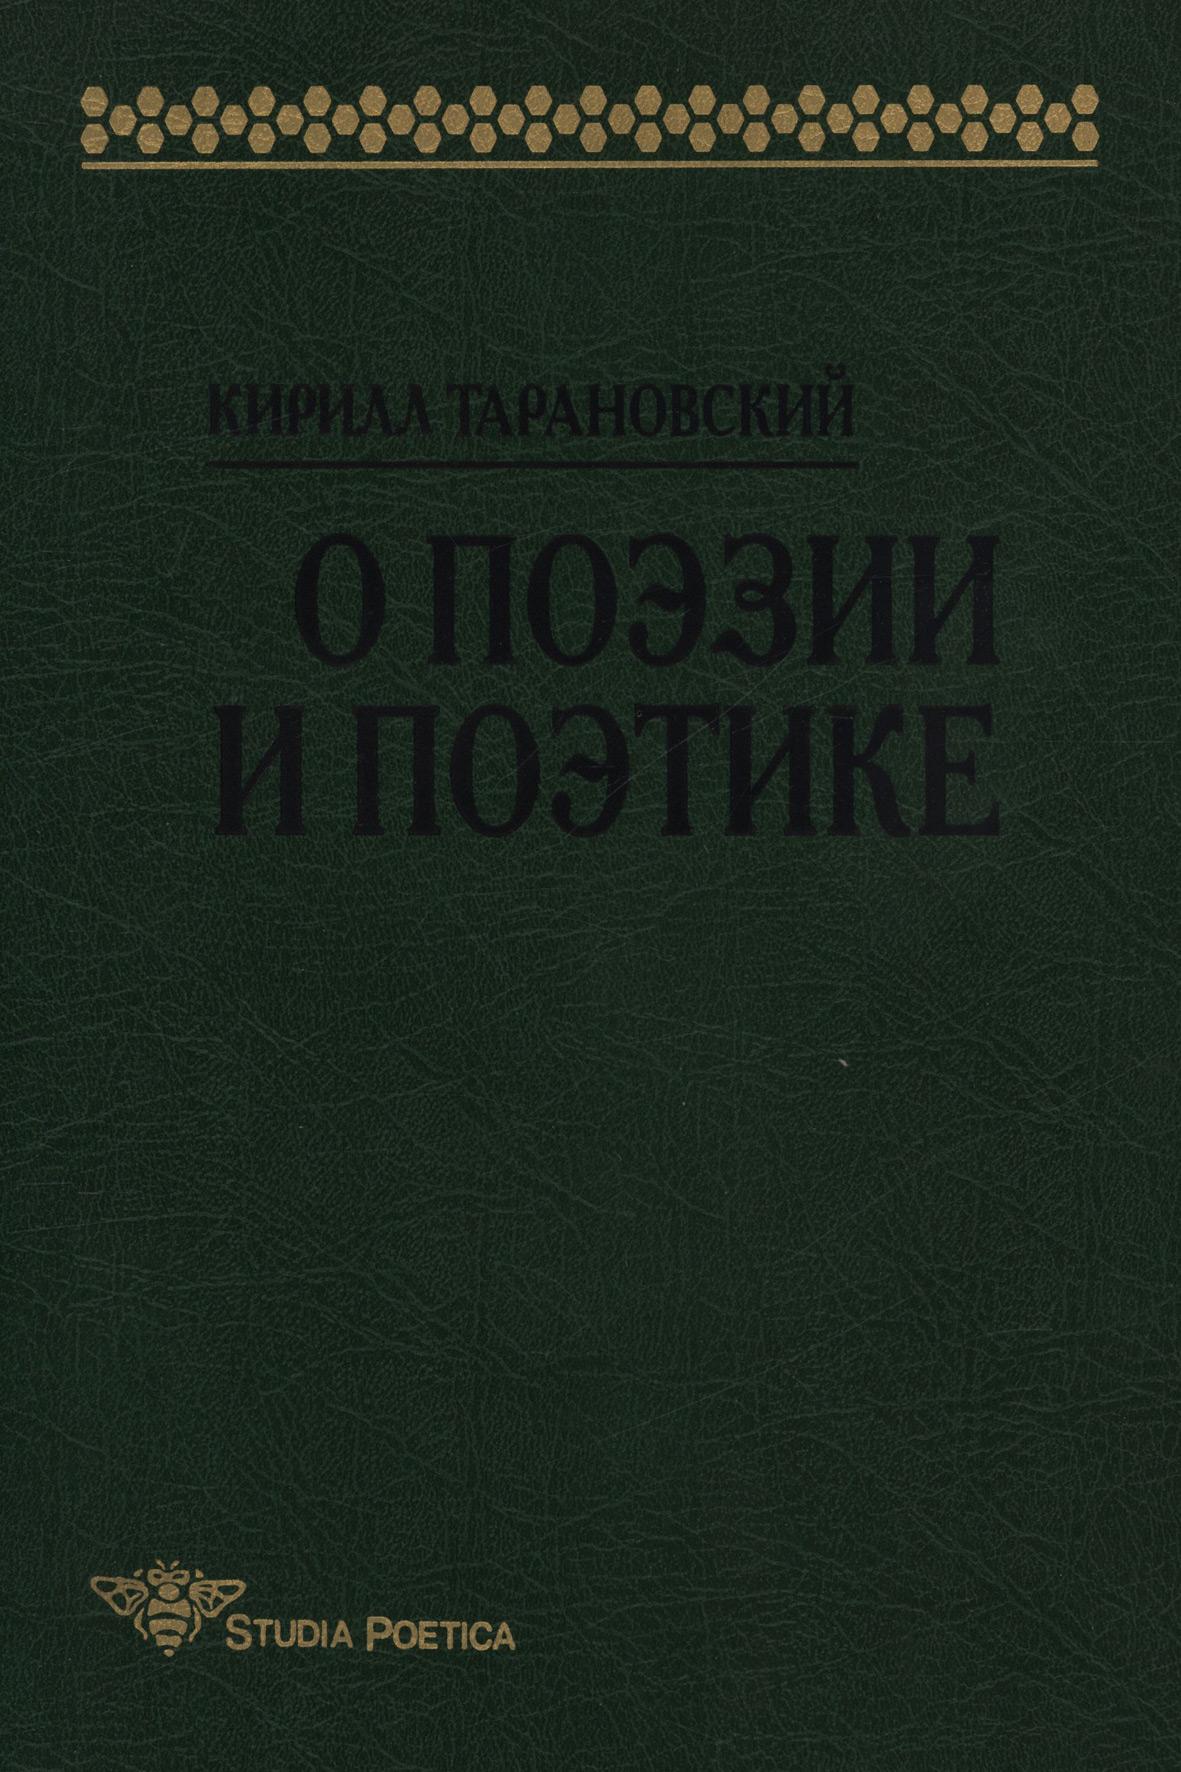 Кирилл Тарановский О поэзии и поэтике